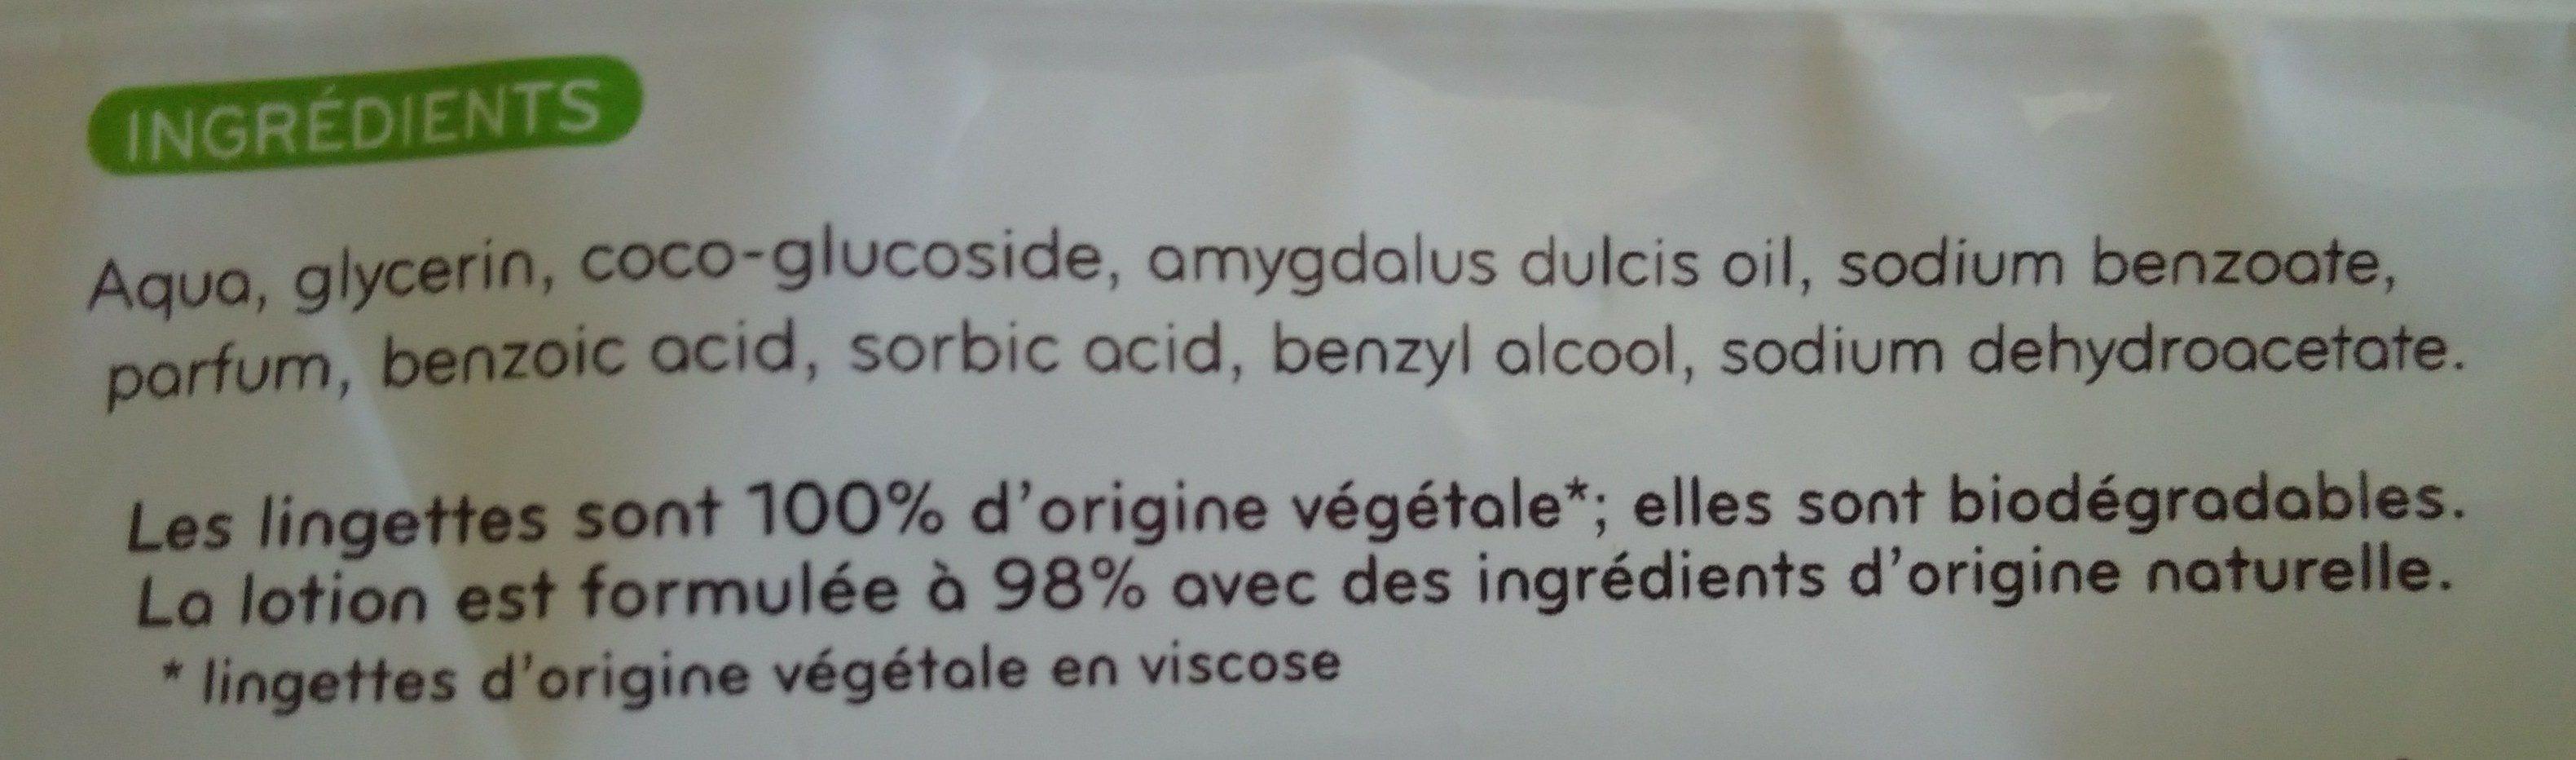 Lingettes épaisses extra douces - Ingrédients - fr